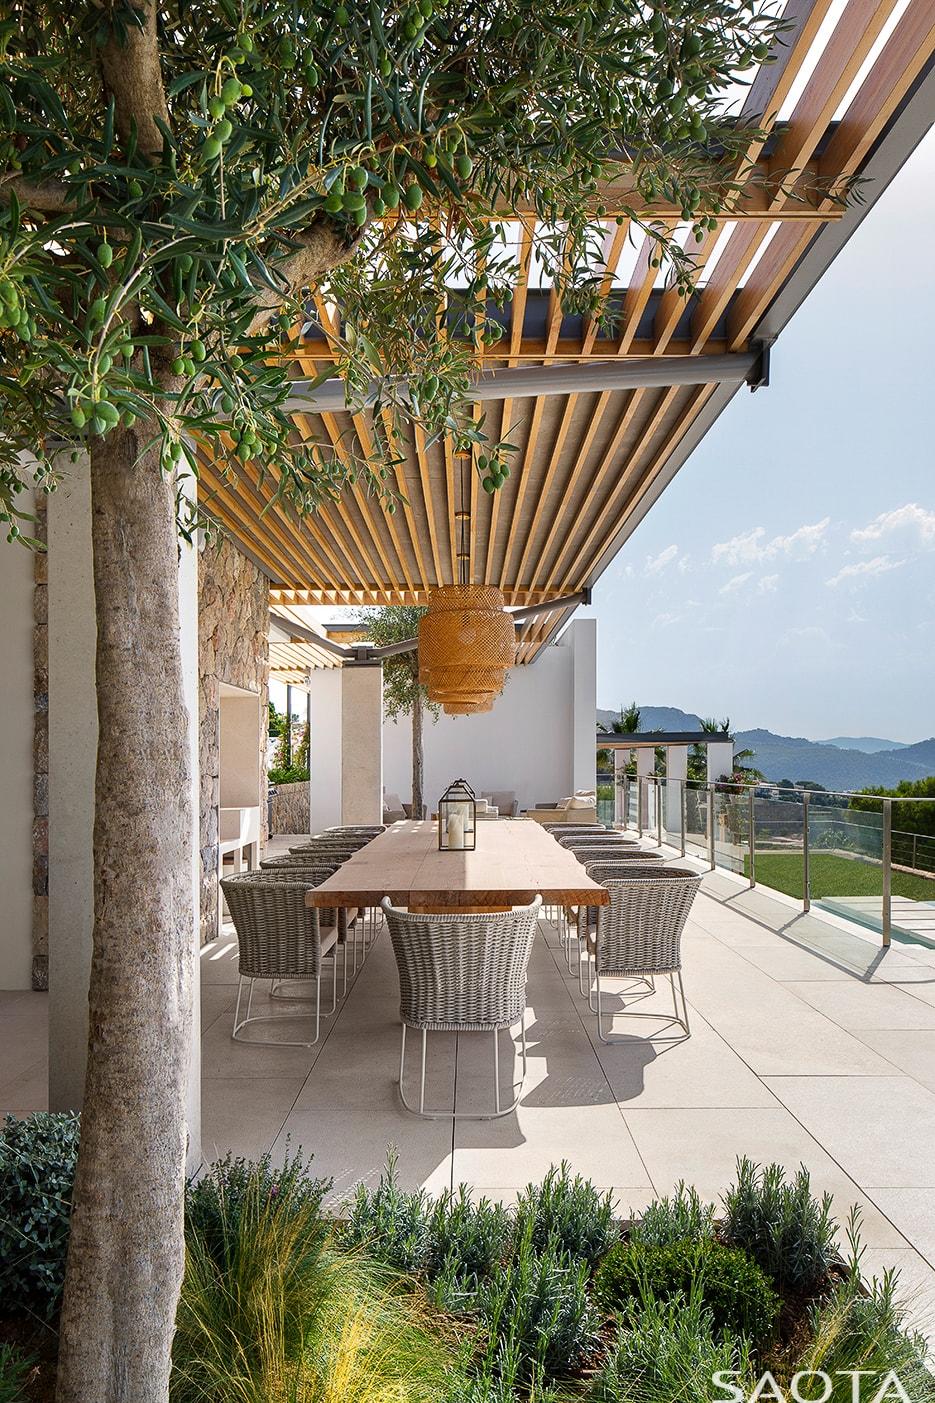 Bora Headquarters Villa in Mallorca, Spain by SAOTA (With